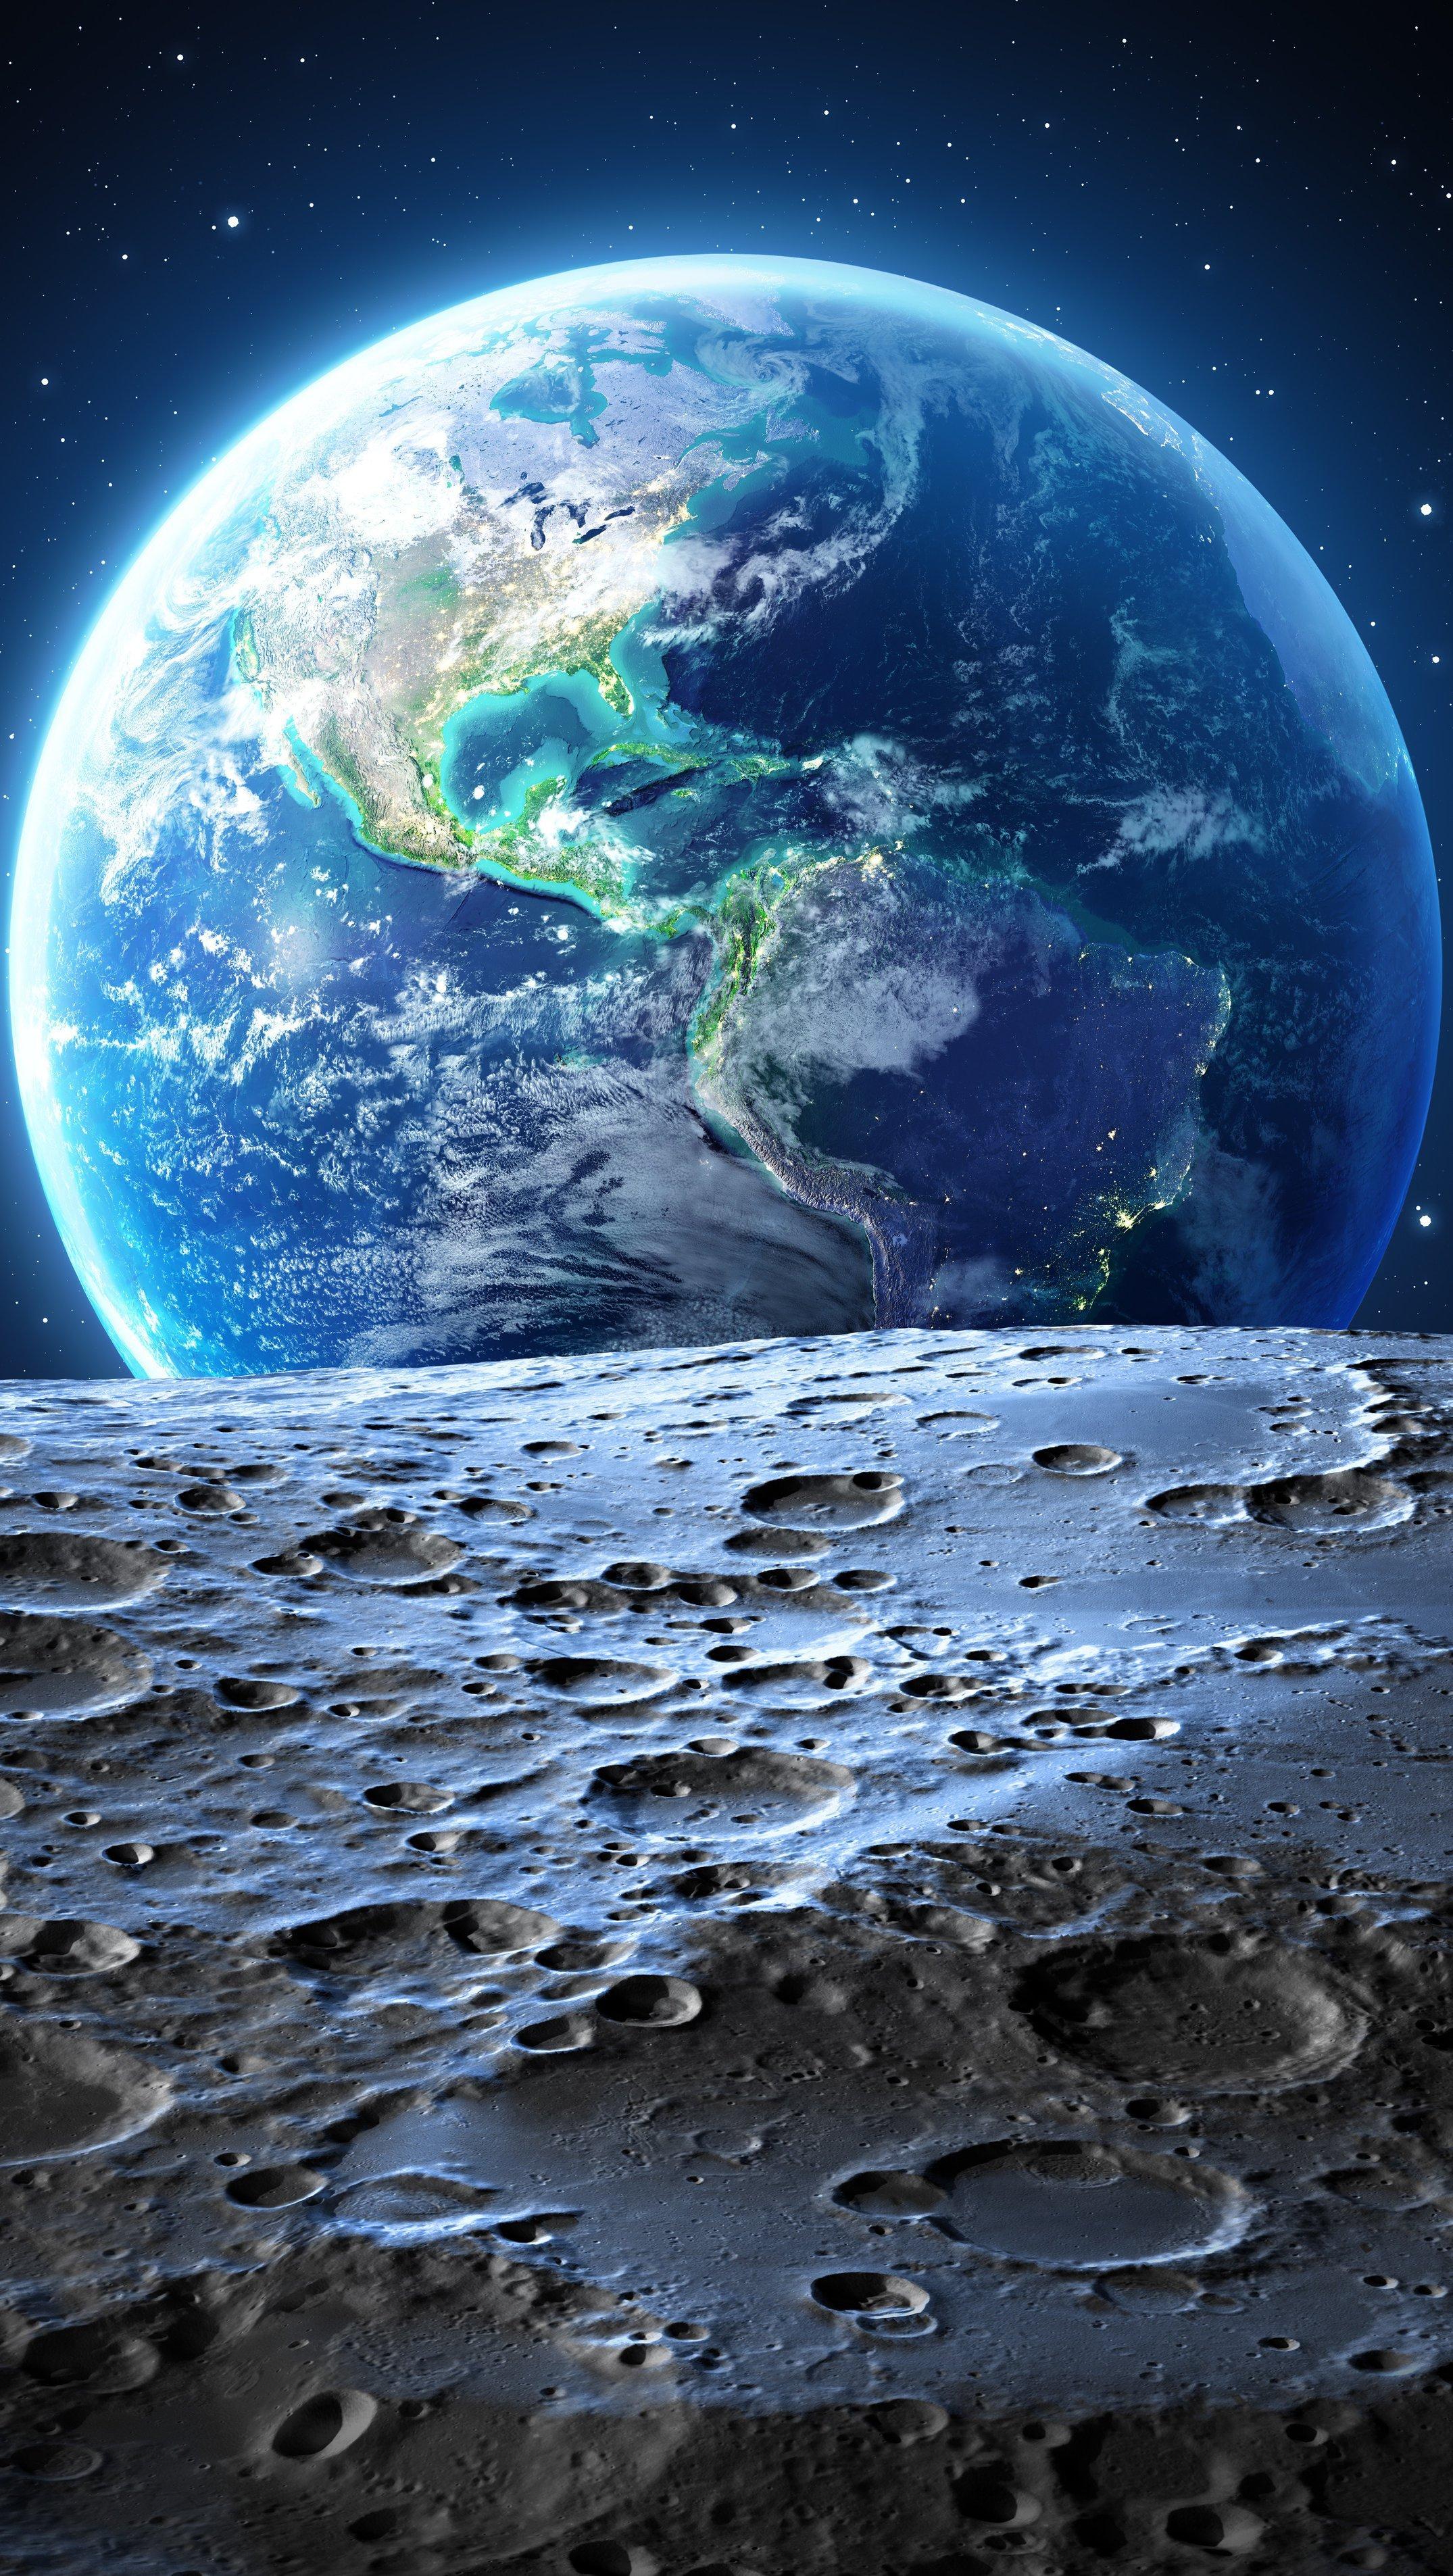 Fondos de pantalla Planeta Tierra vista desde la Luna Vertical